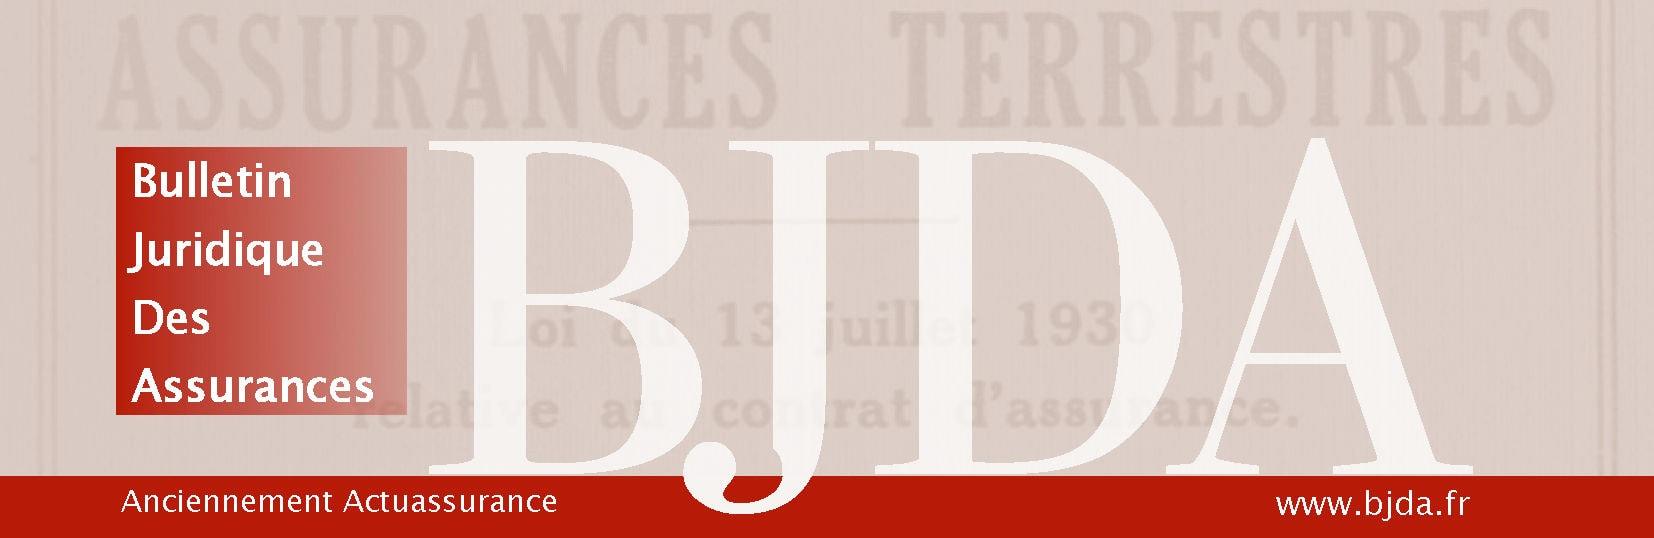 Bulletin Juridique des Assurances (BJDA)